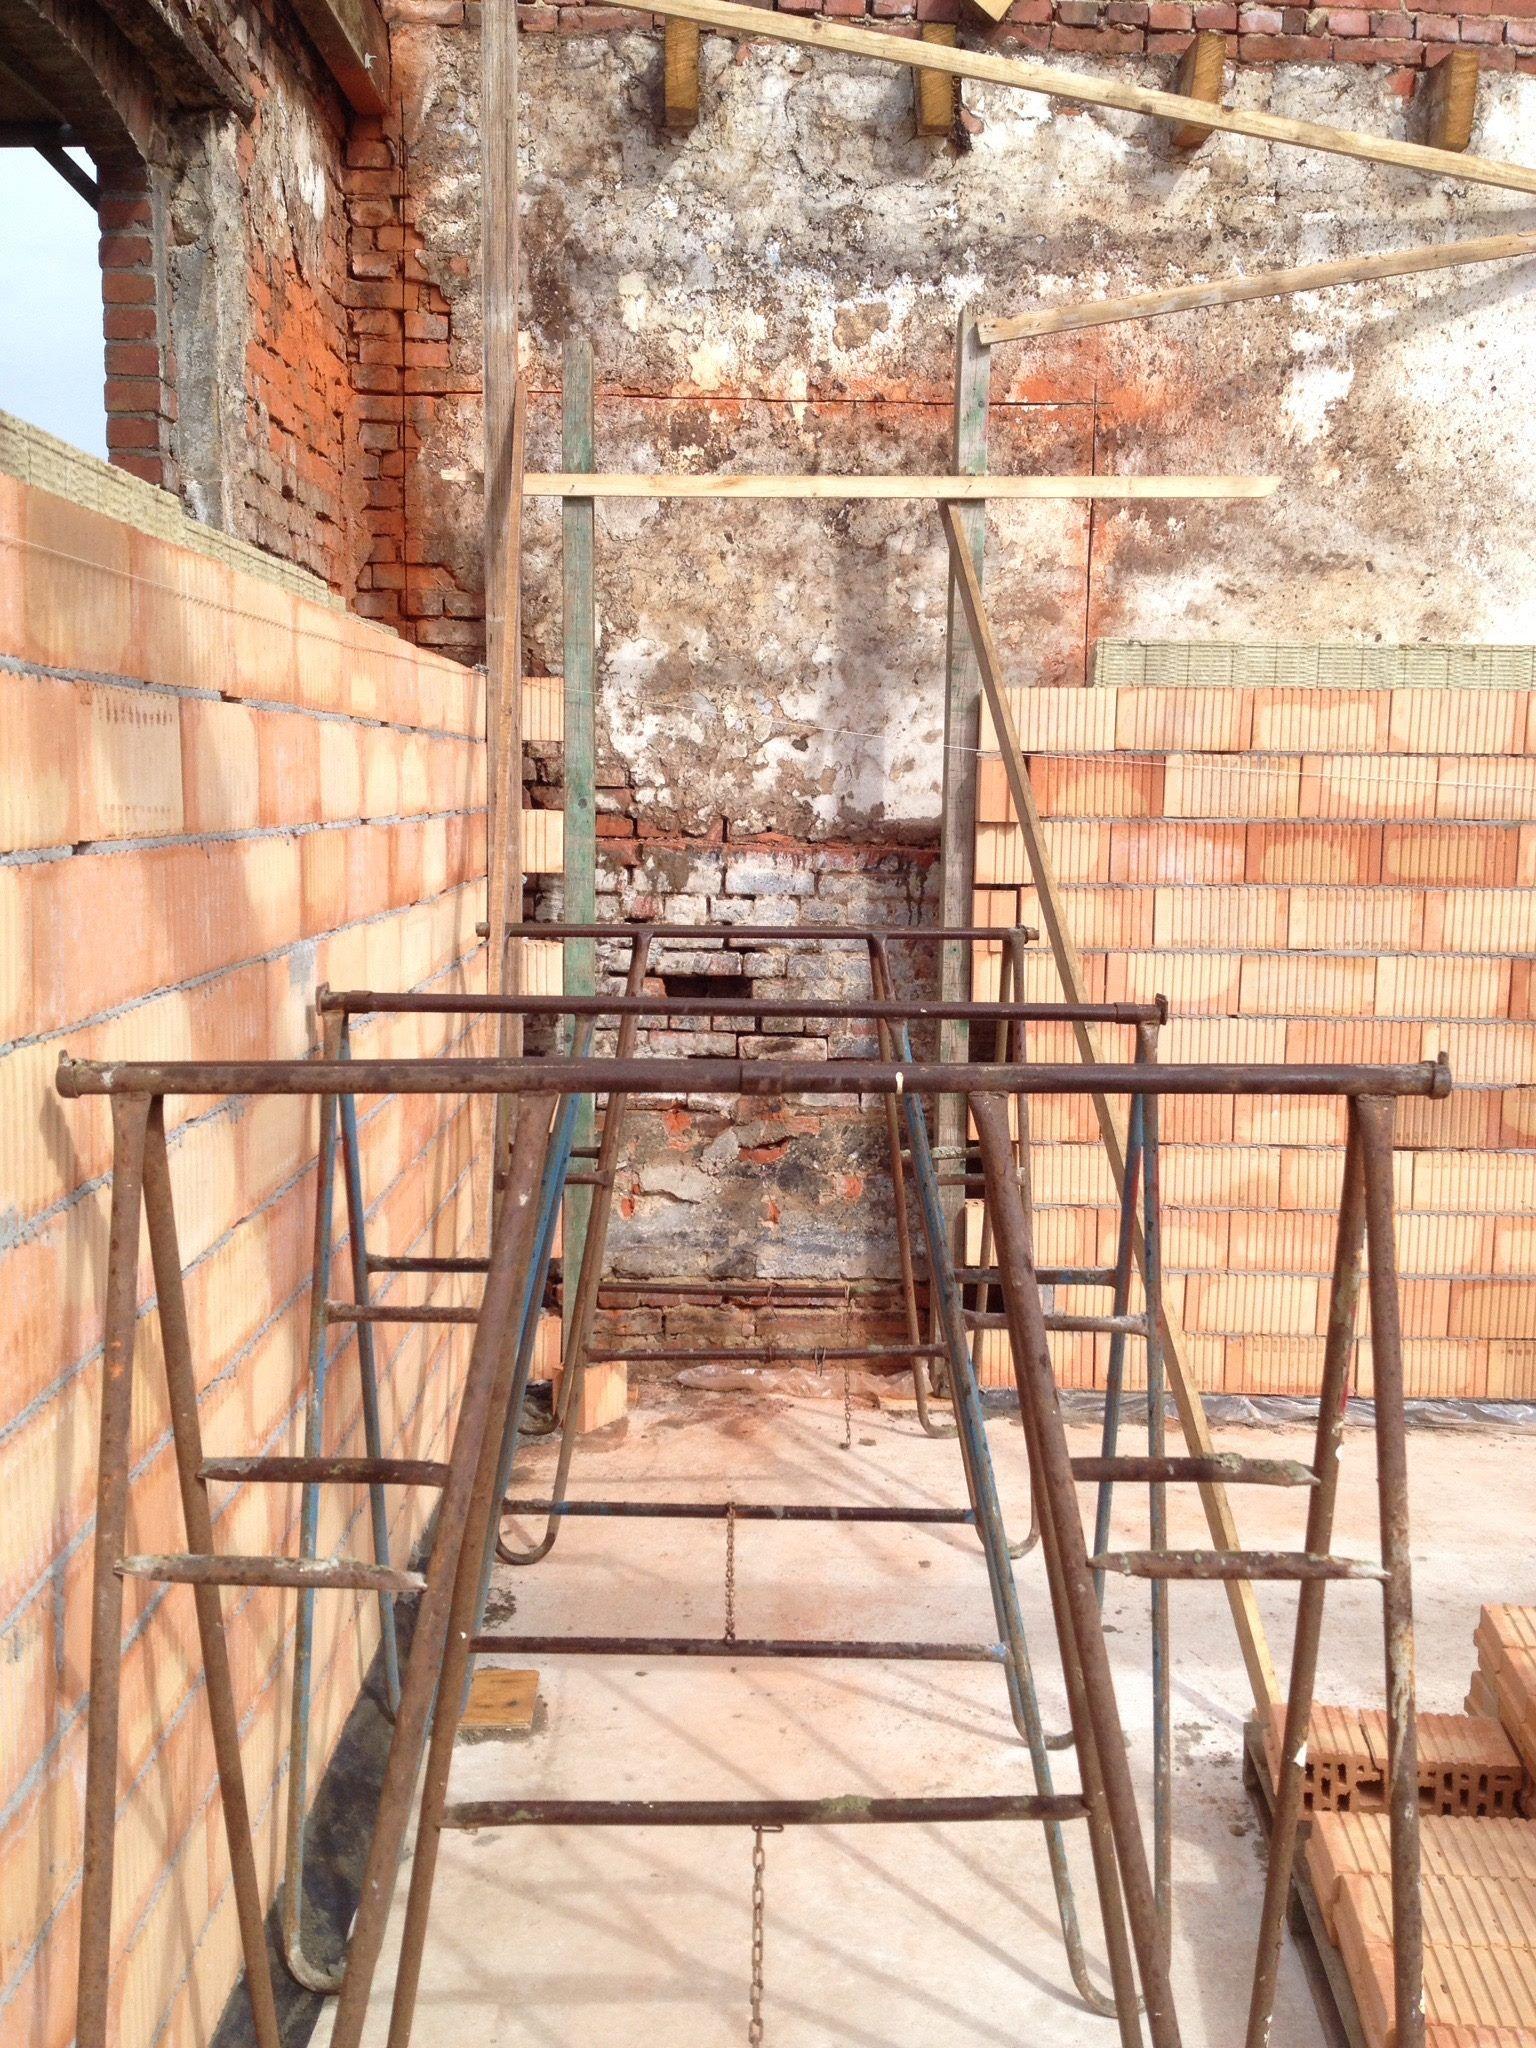 Uitvoering van boerderij naar woonhuis en b b verbouwing renovatie woonboerderij bed - Architectuur renovatie ...